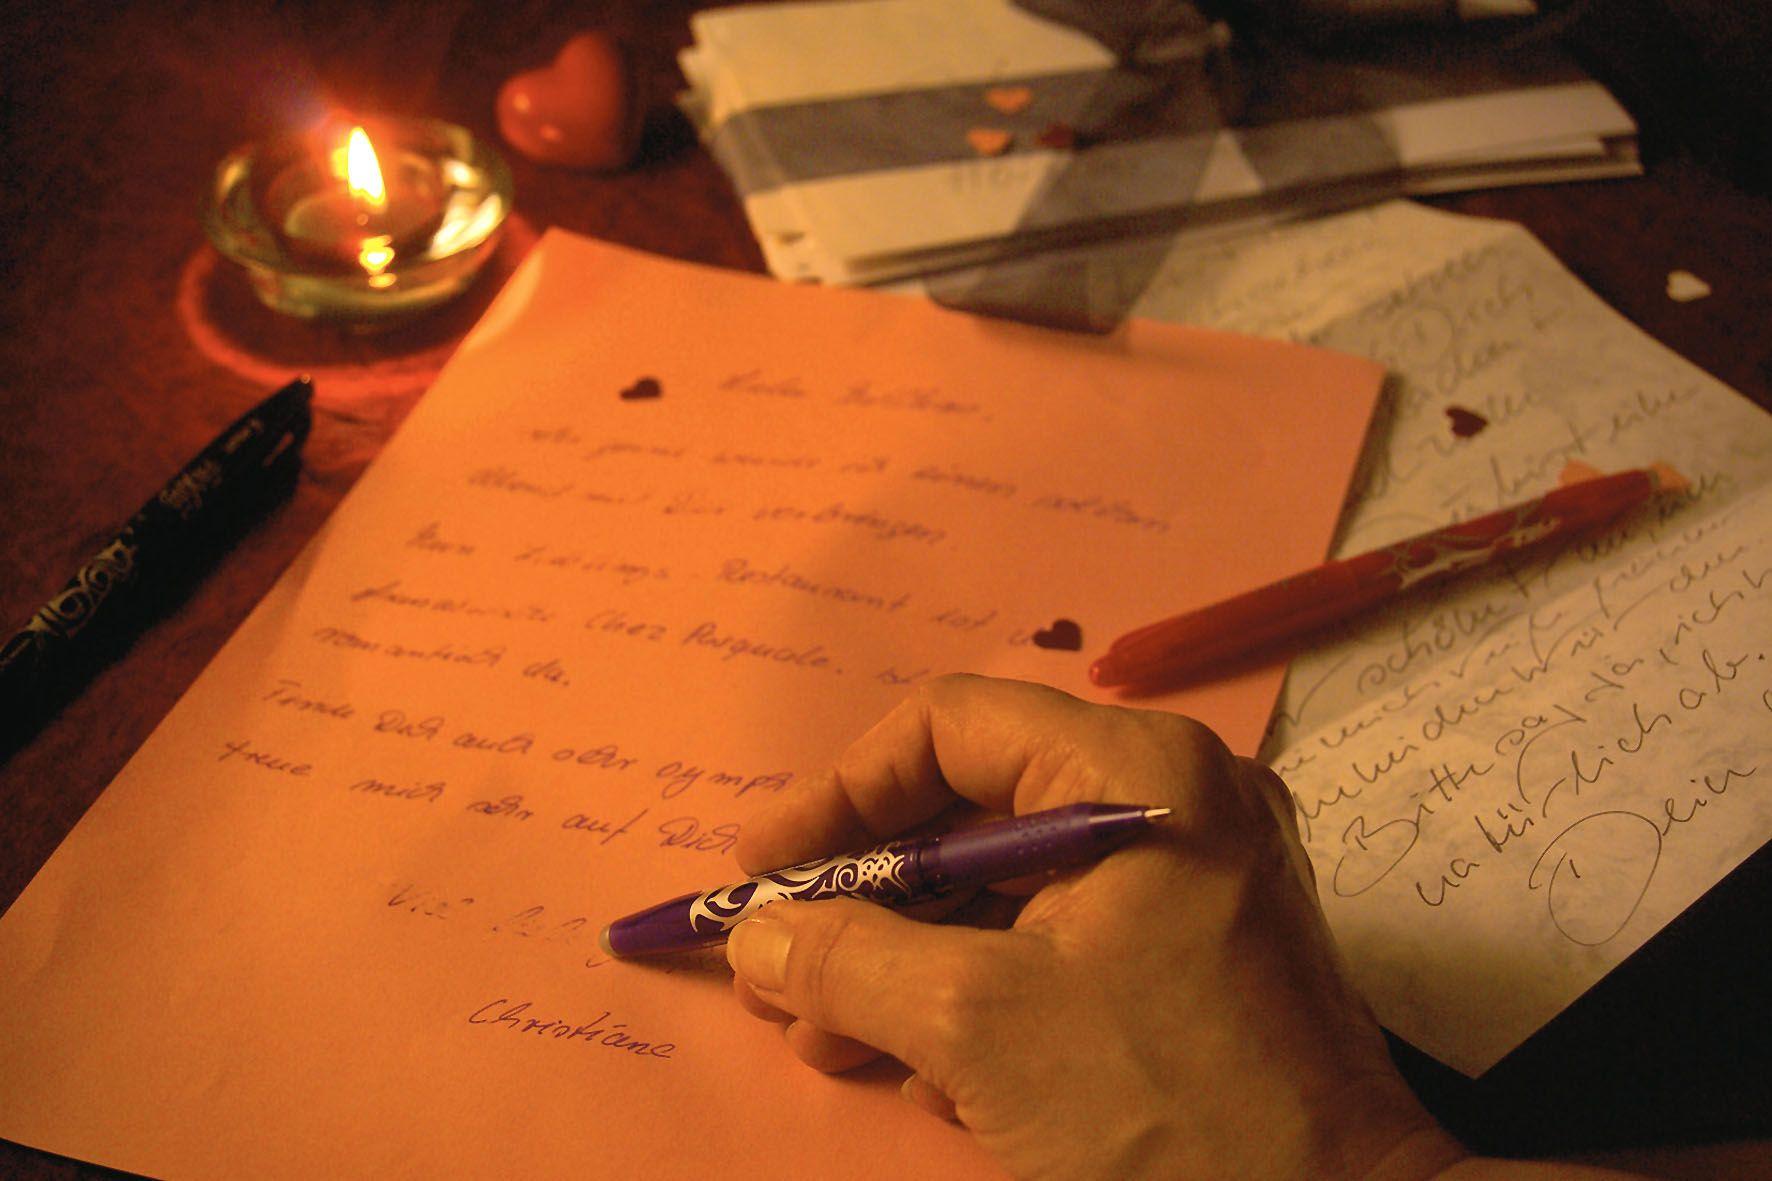 Persönliche Zeilen schreibt man besser mit der Hand in ...